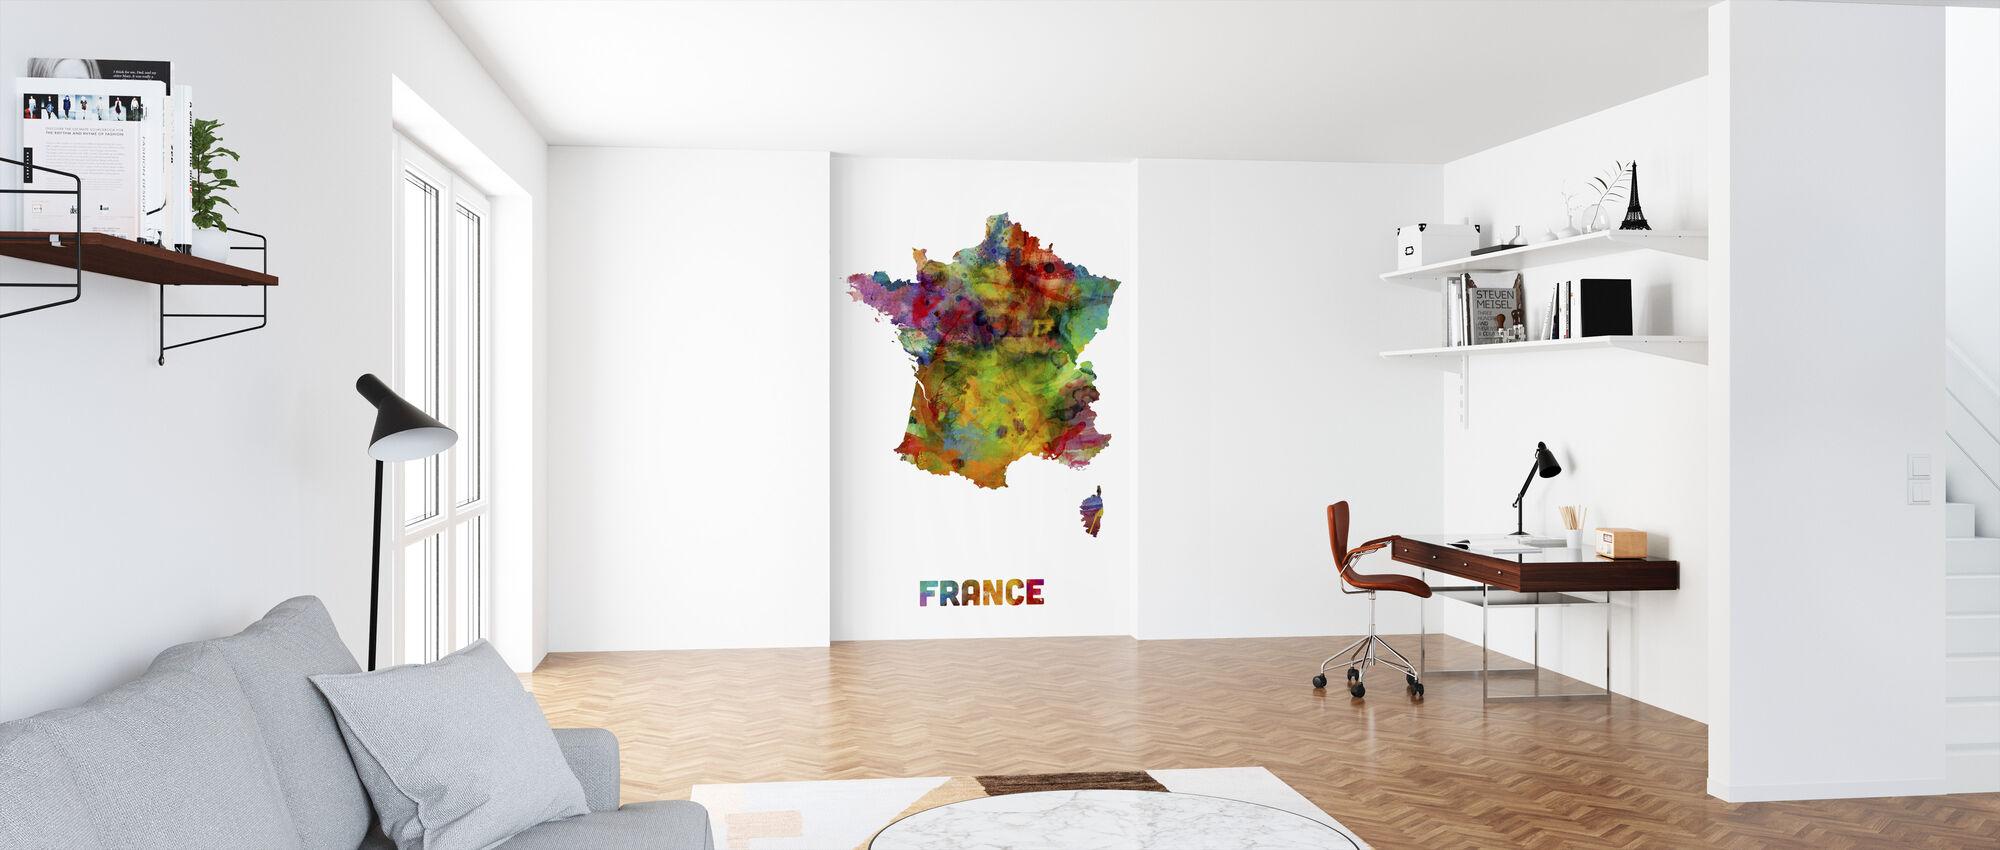 France Watercolor Kaart - Behang - Kantoor